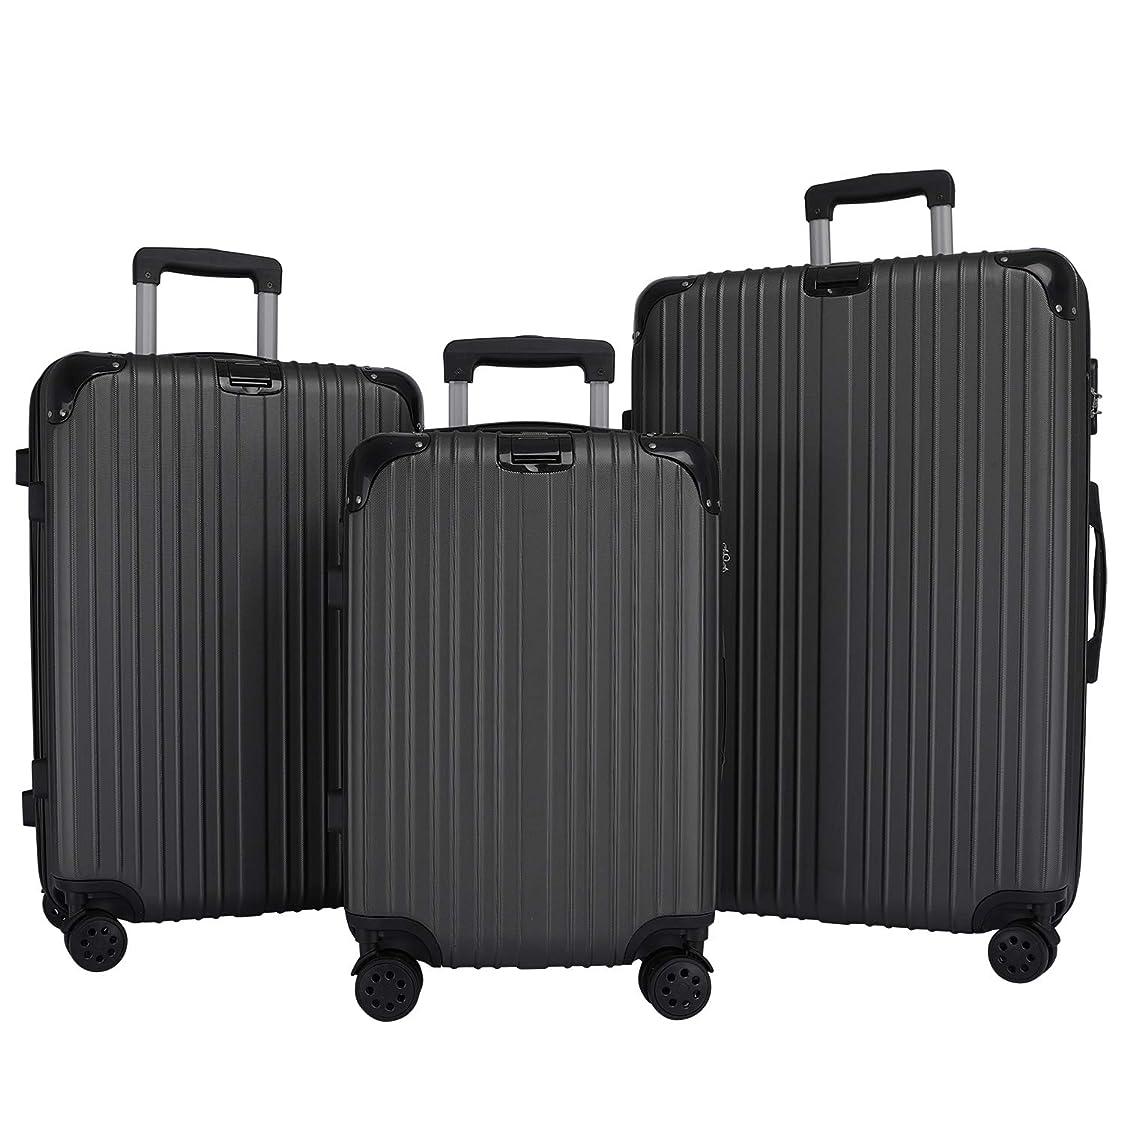 立法舌走る(P.I.) スーツケース ファスナー式 8輪キャスター 三個SET 軽量 セット 旅行 隠しフック付き 保護カバー